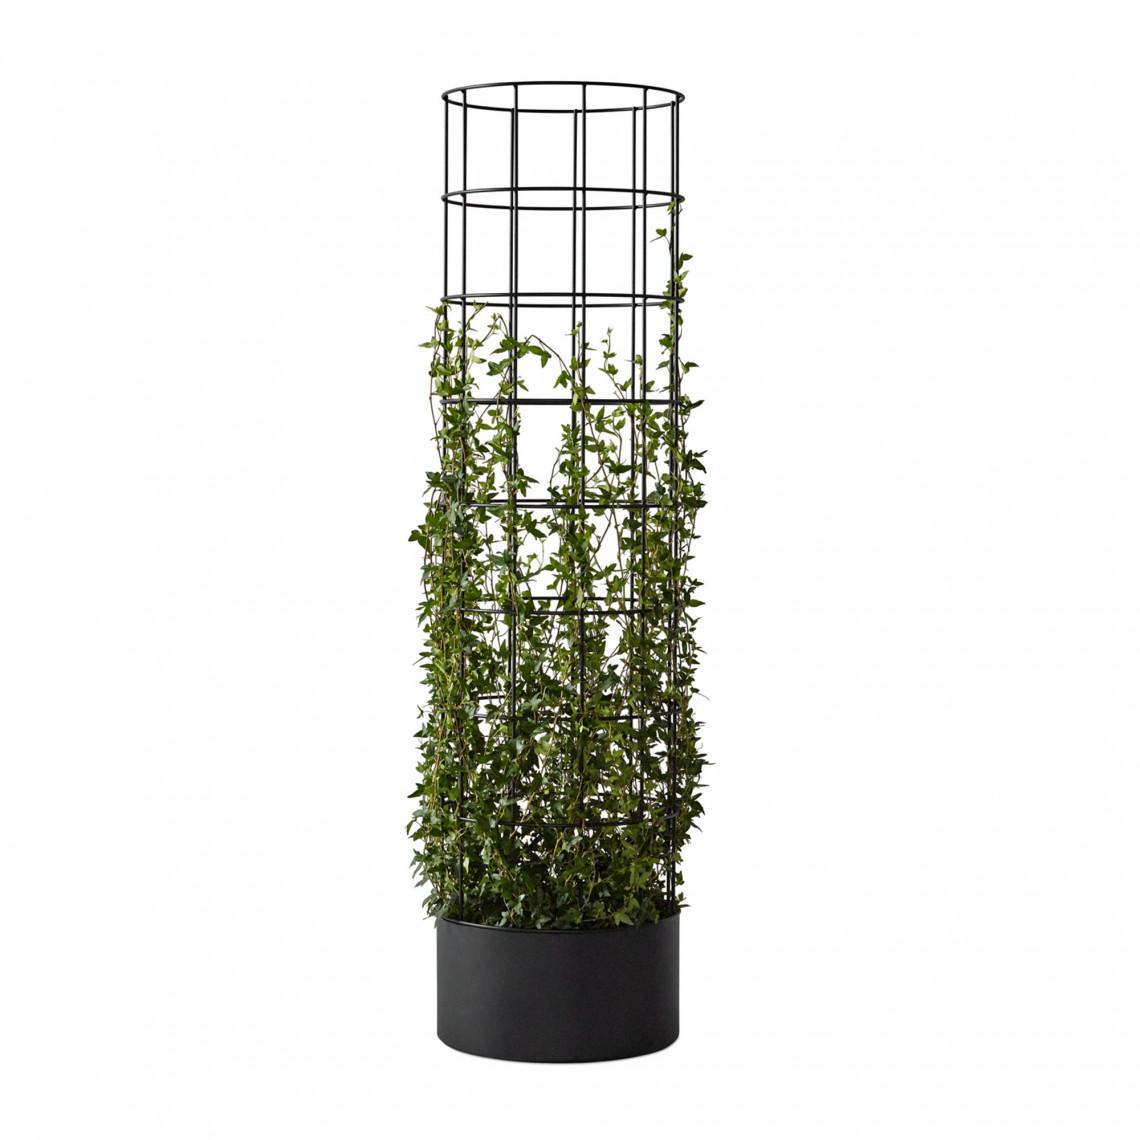 dB Blomsterpelare 160 cm hög